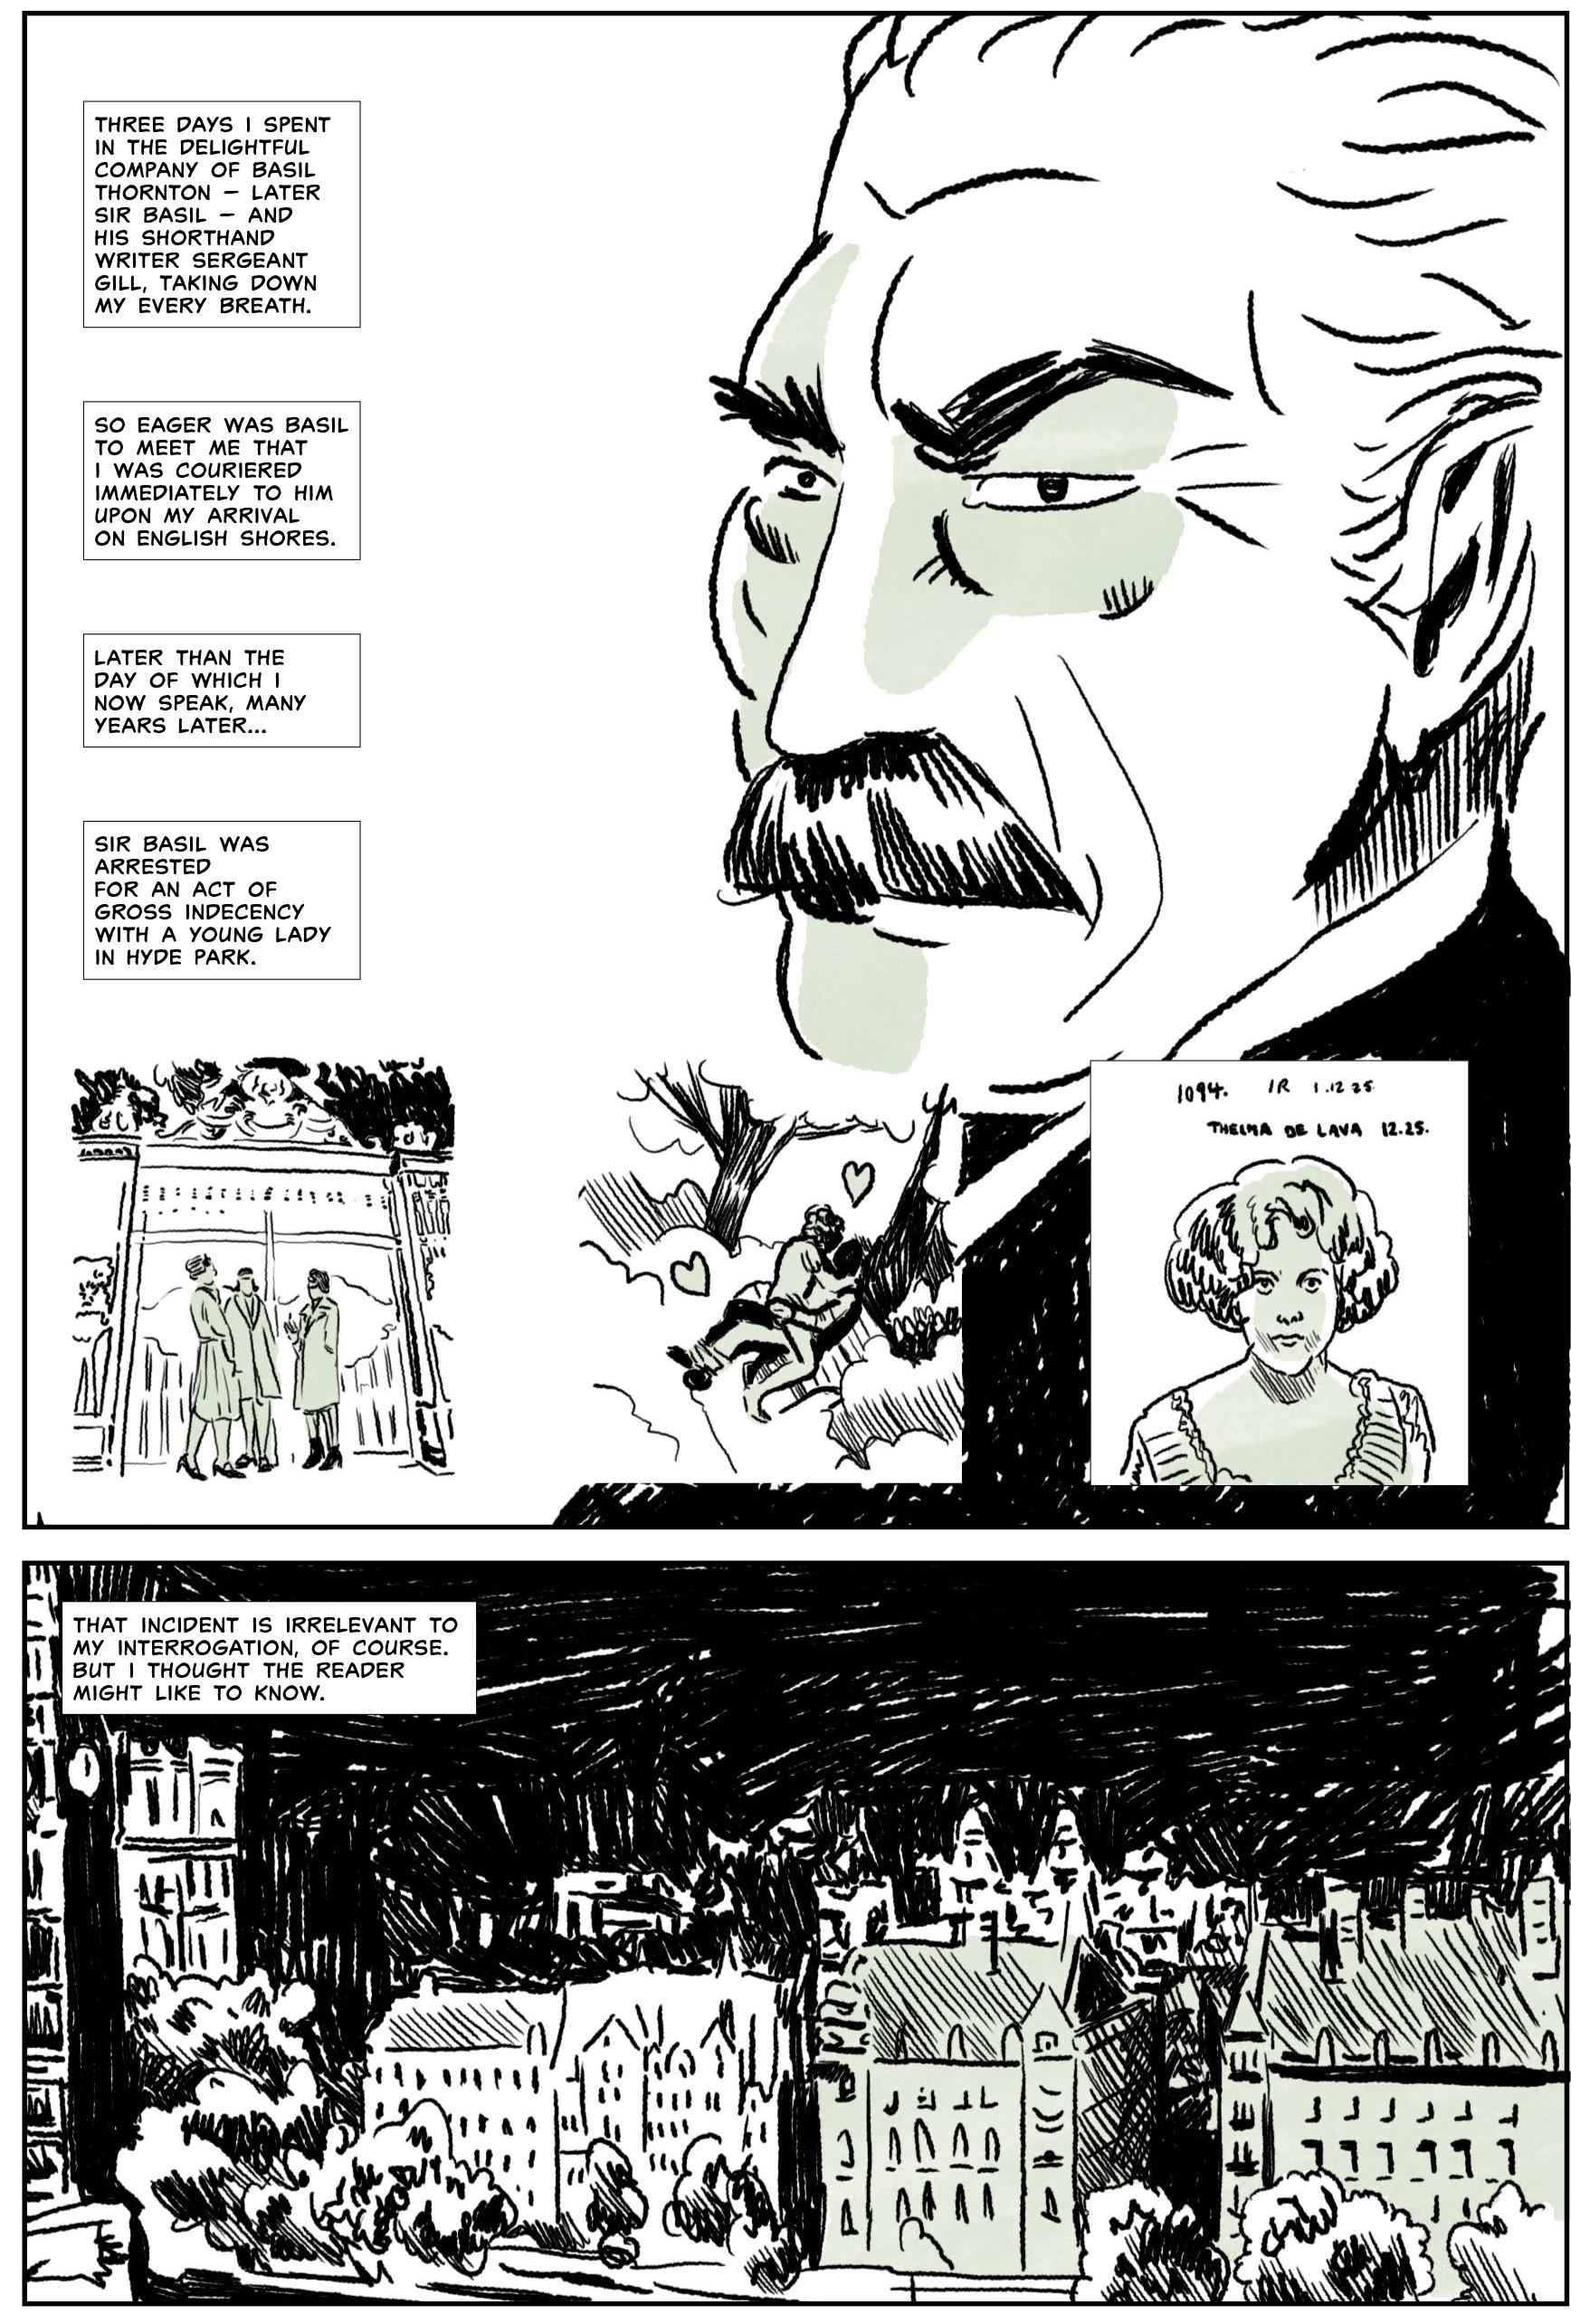 Casement Page-27 copy.png